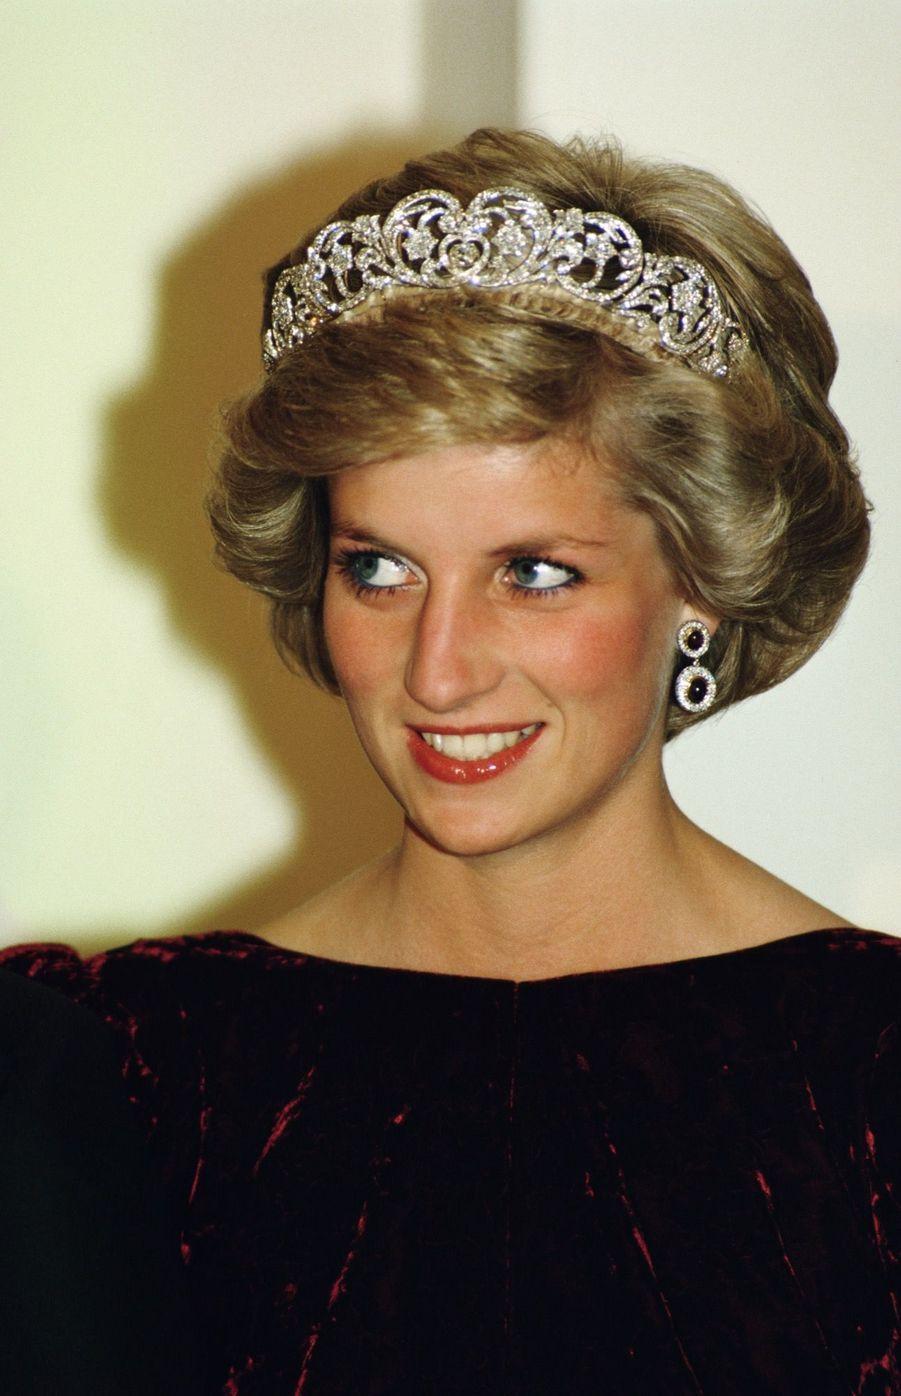 La princesse Diana, photographiée par Jayne Fincher, à Canberra en novembre 1985.